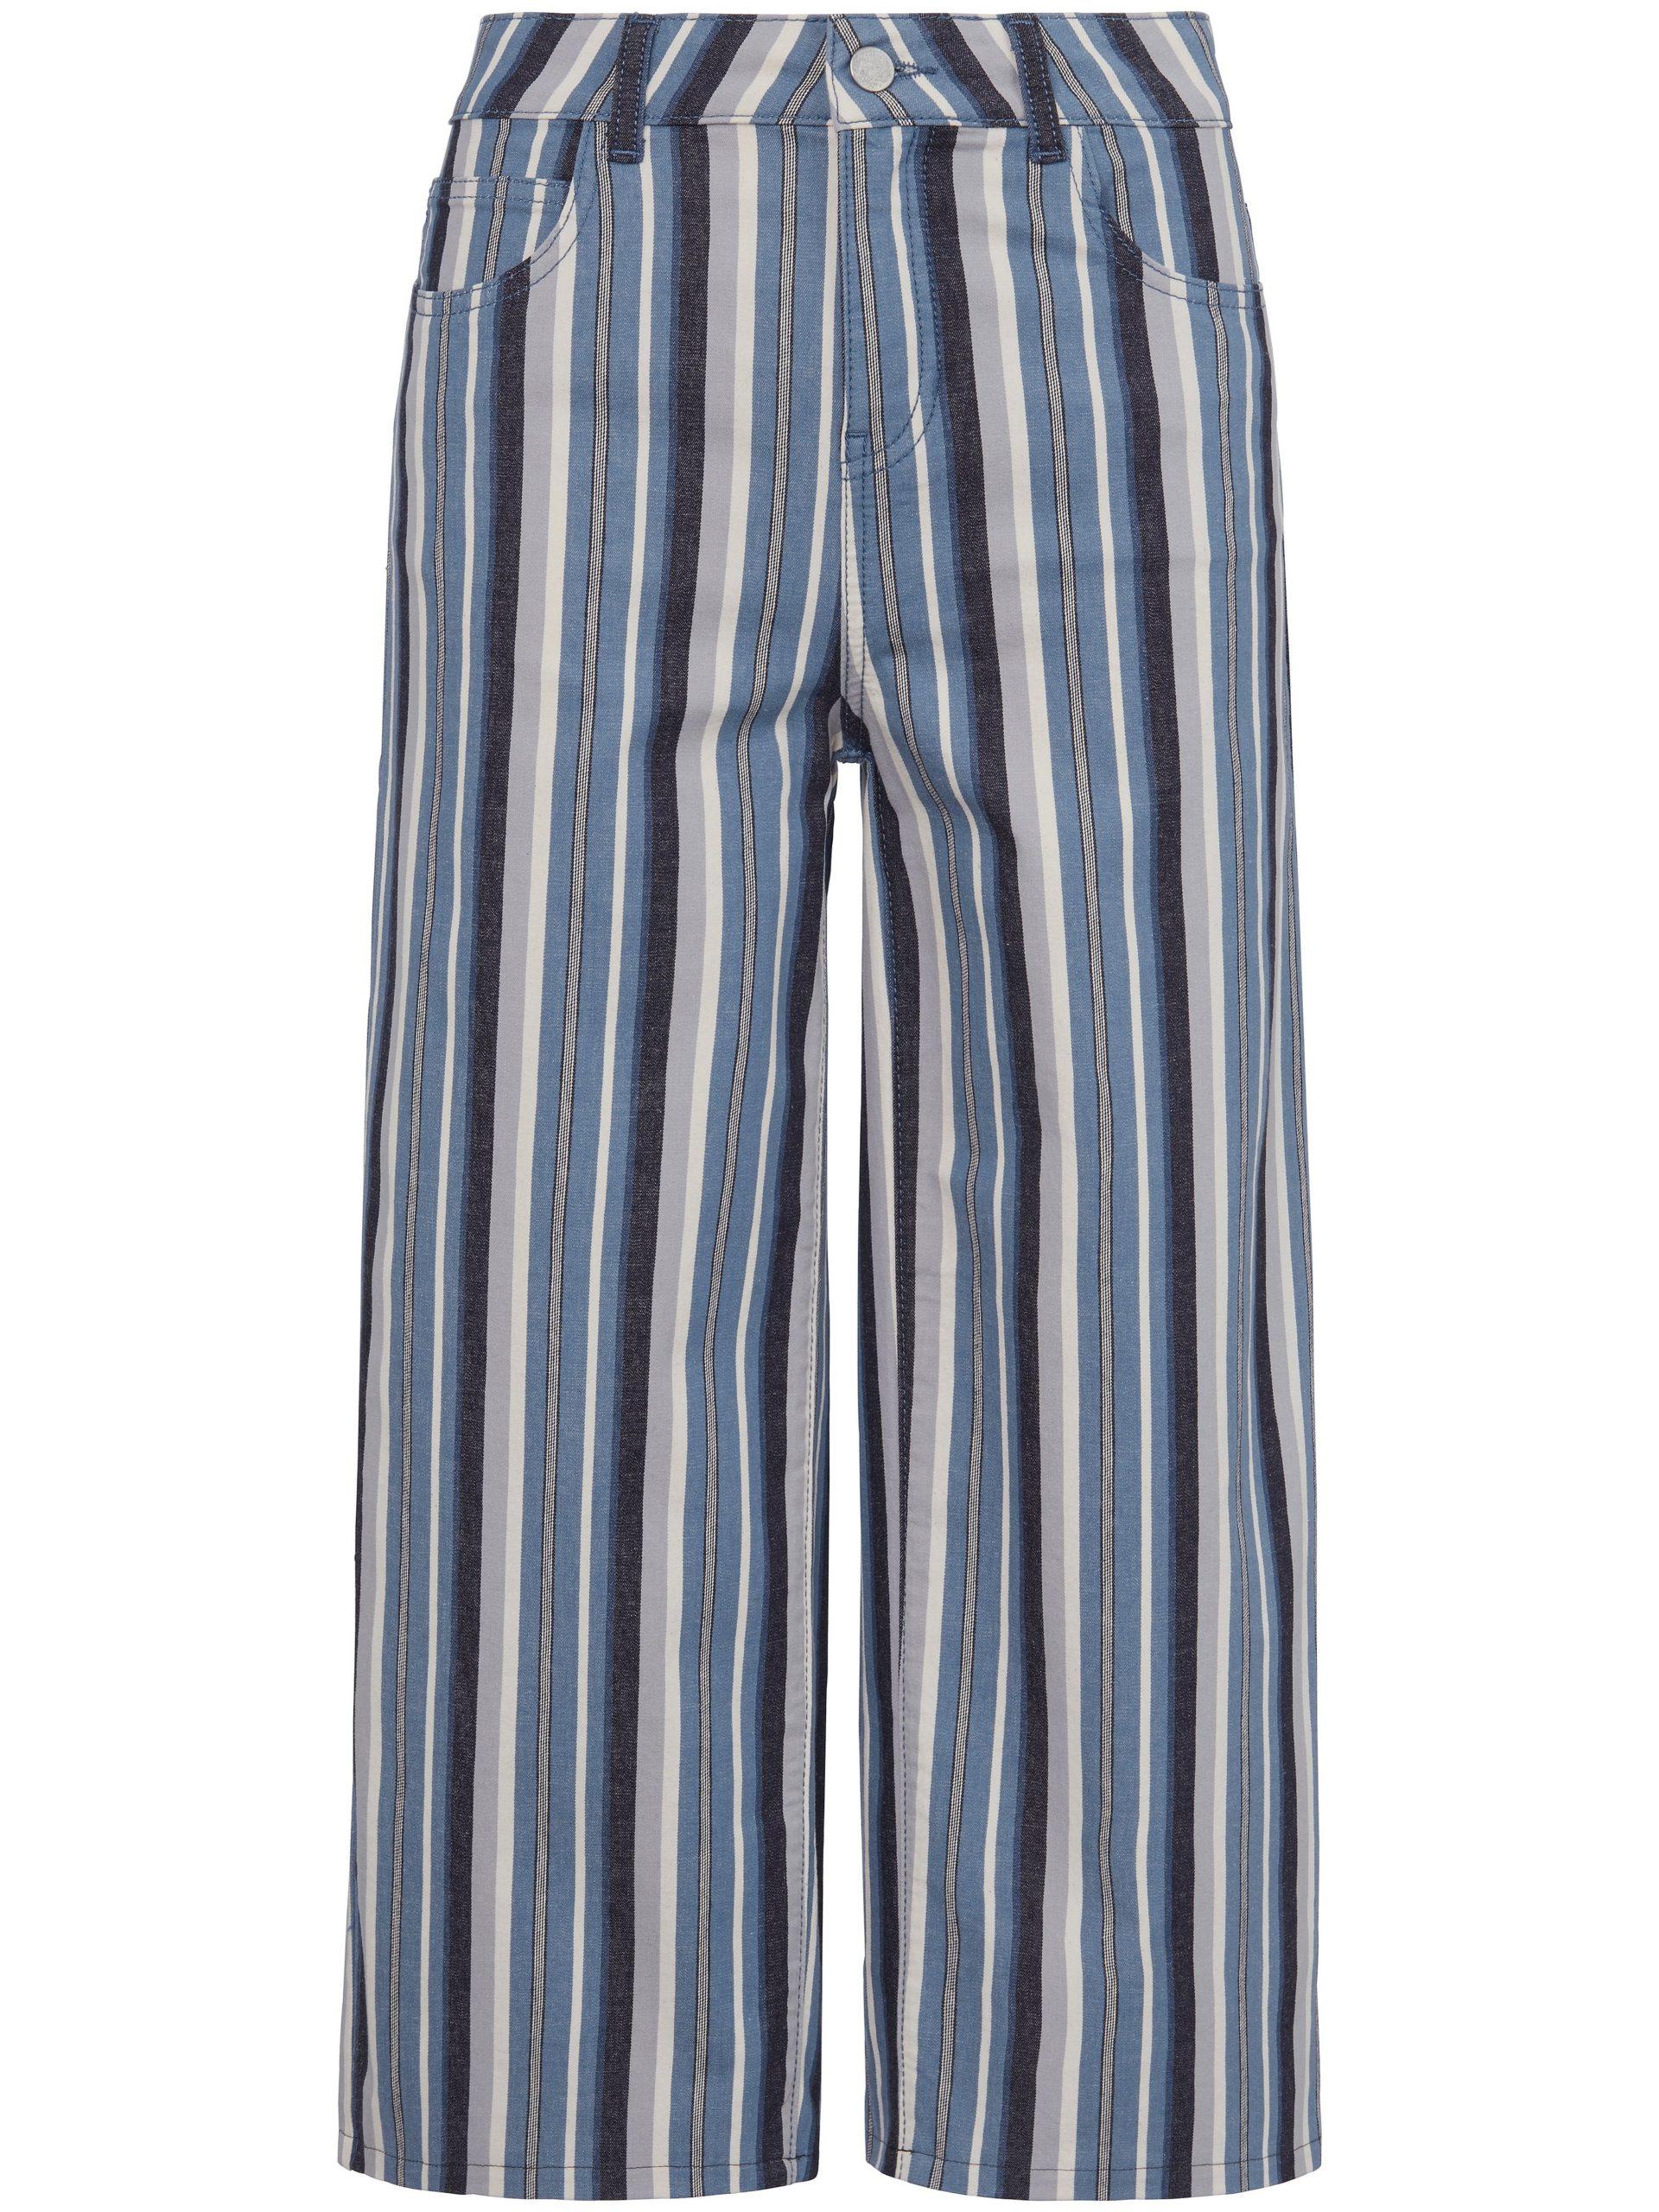 7/8-jeans pasvorm Cornelia in 5-pocketsmodel Van Peter Hahn blauw Kopen